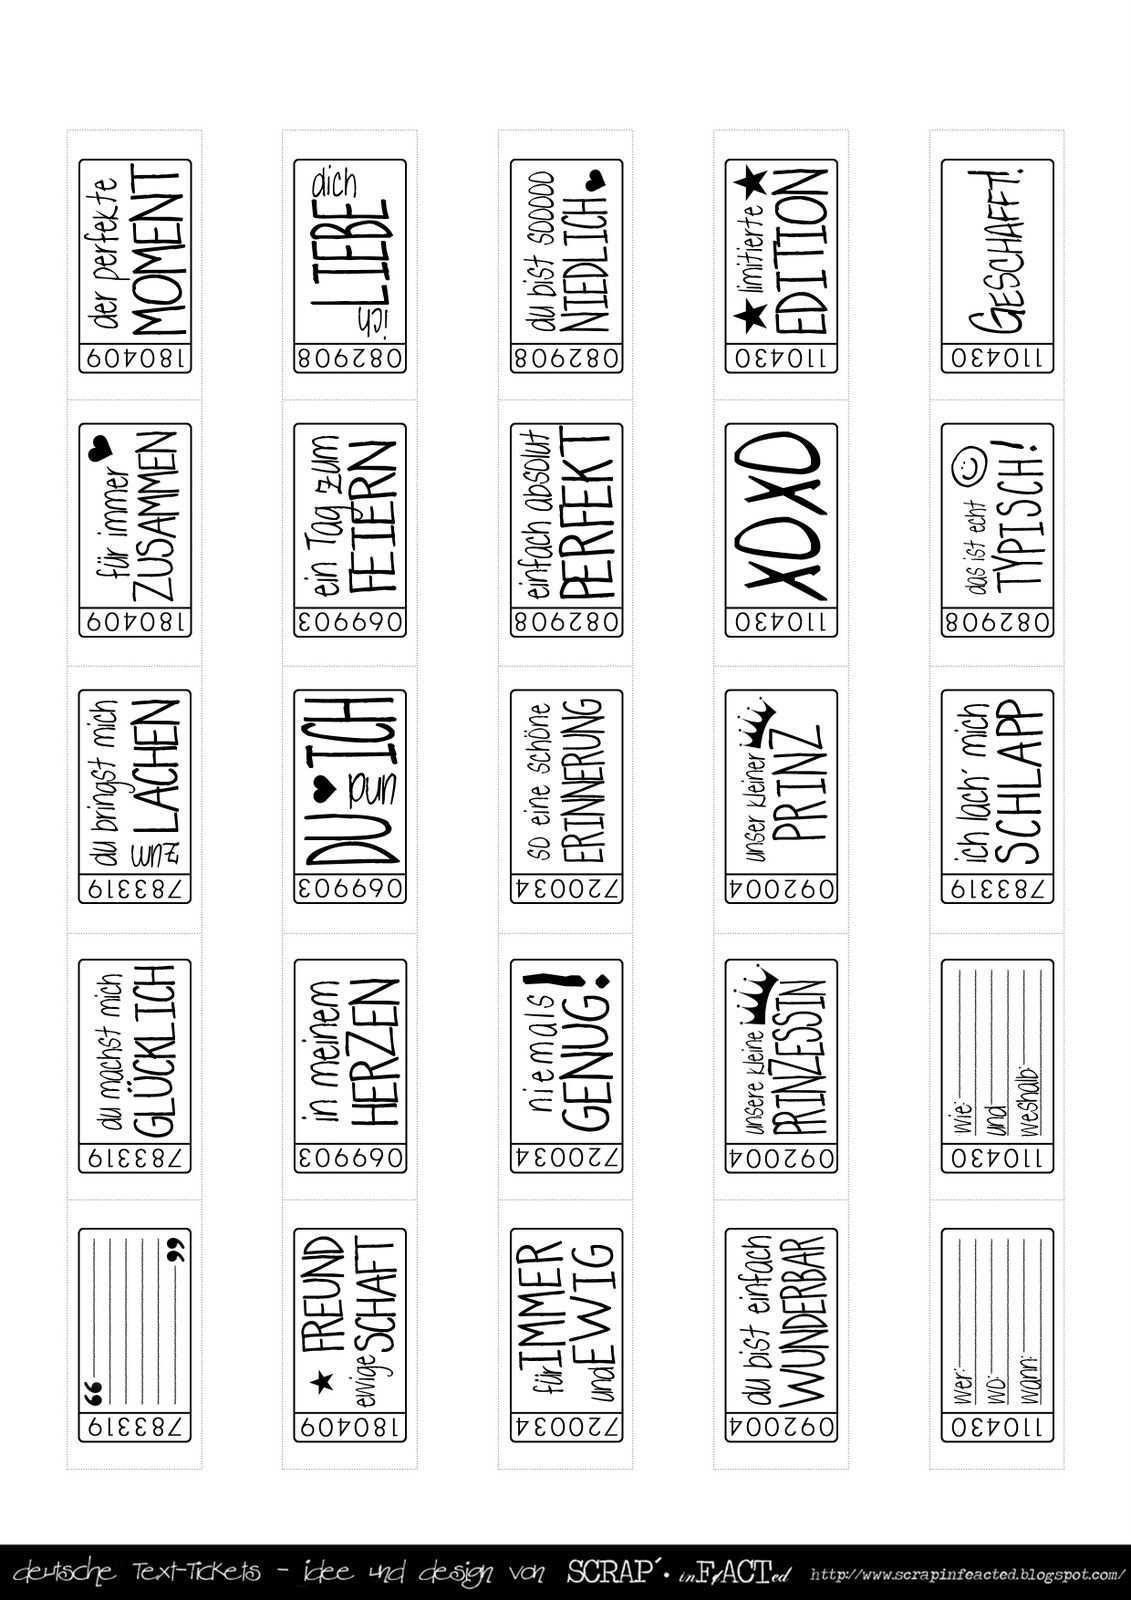 Oktober 2011 Scrapbooking Ideen Vorlagen Ausdrucken